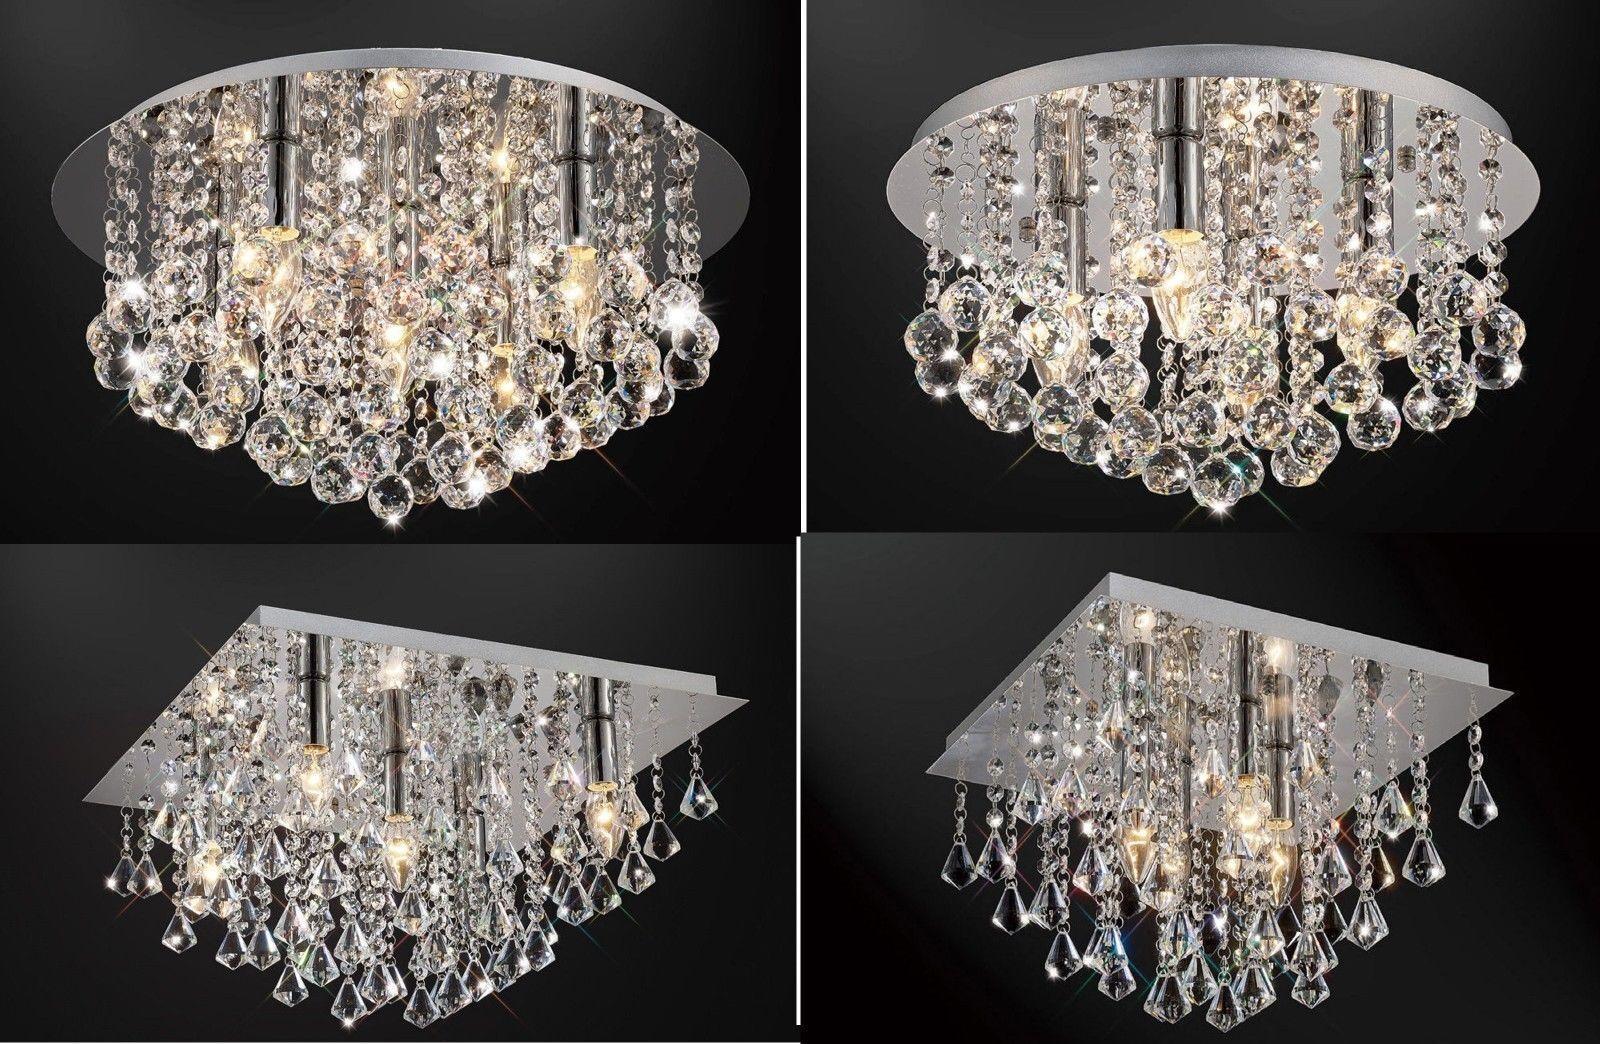 Plafoniere Con Gocce Di Cristallo : Nuovo originale vetro cristallo goccia